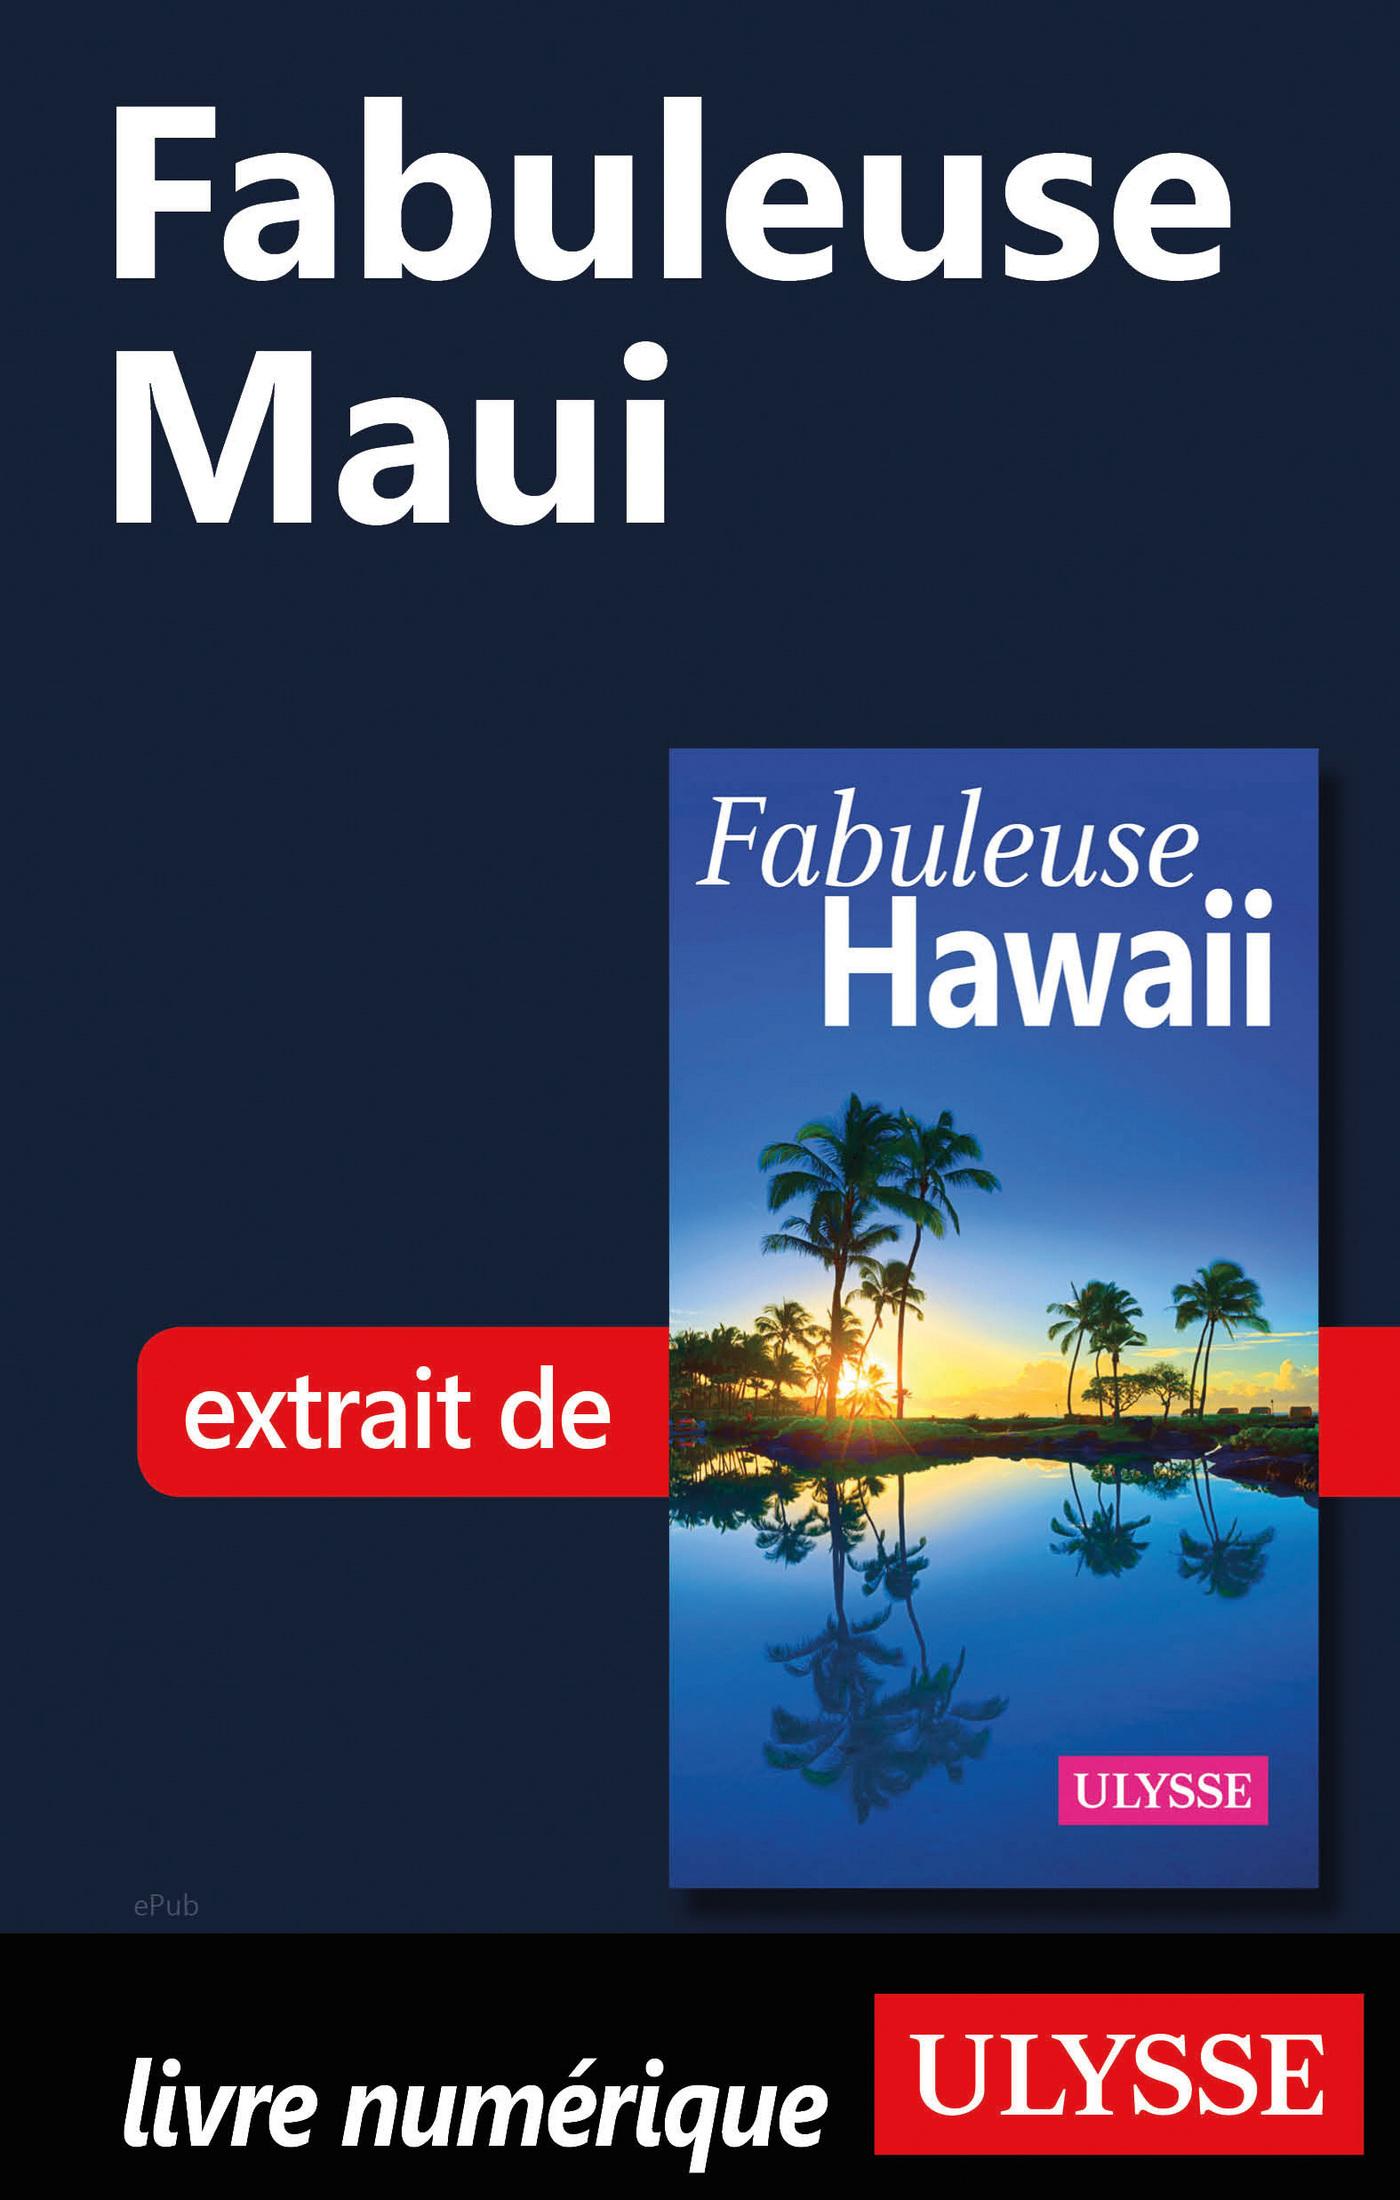 Fabuleuse Maui